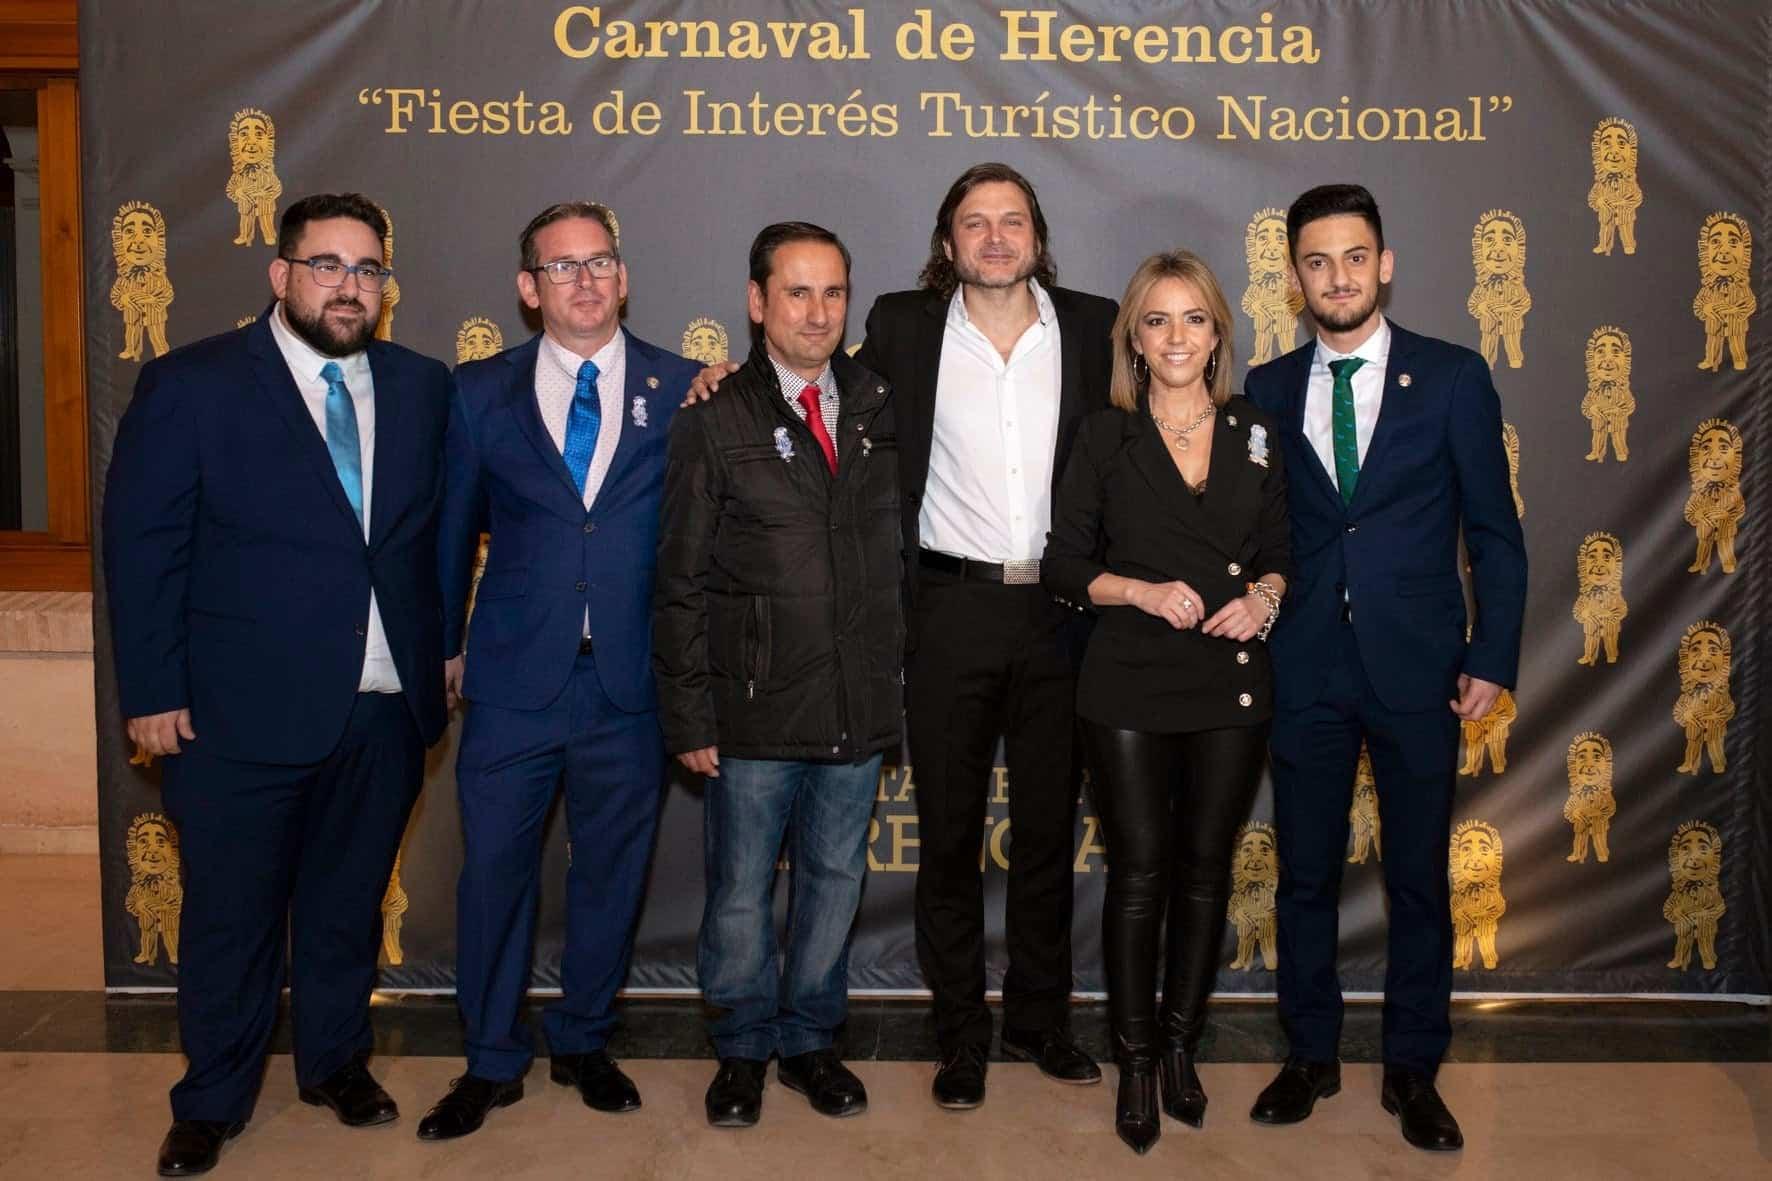 inauguracion carnaval 2020 herencia 9 - Inauguración del Carnaval de Herencia 2020